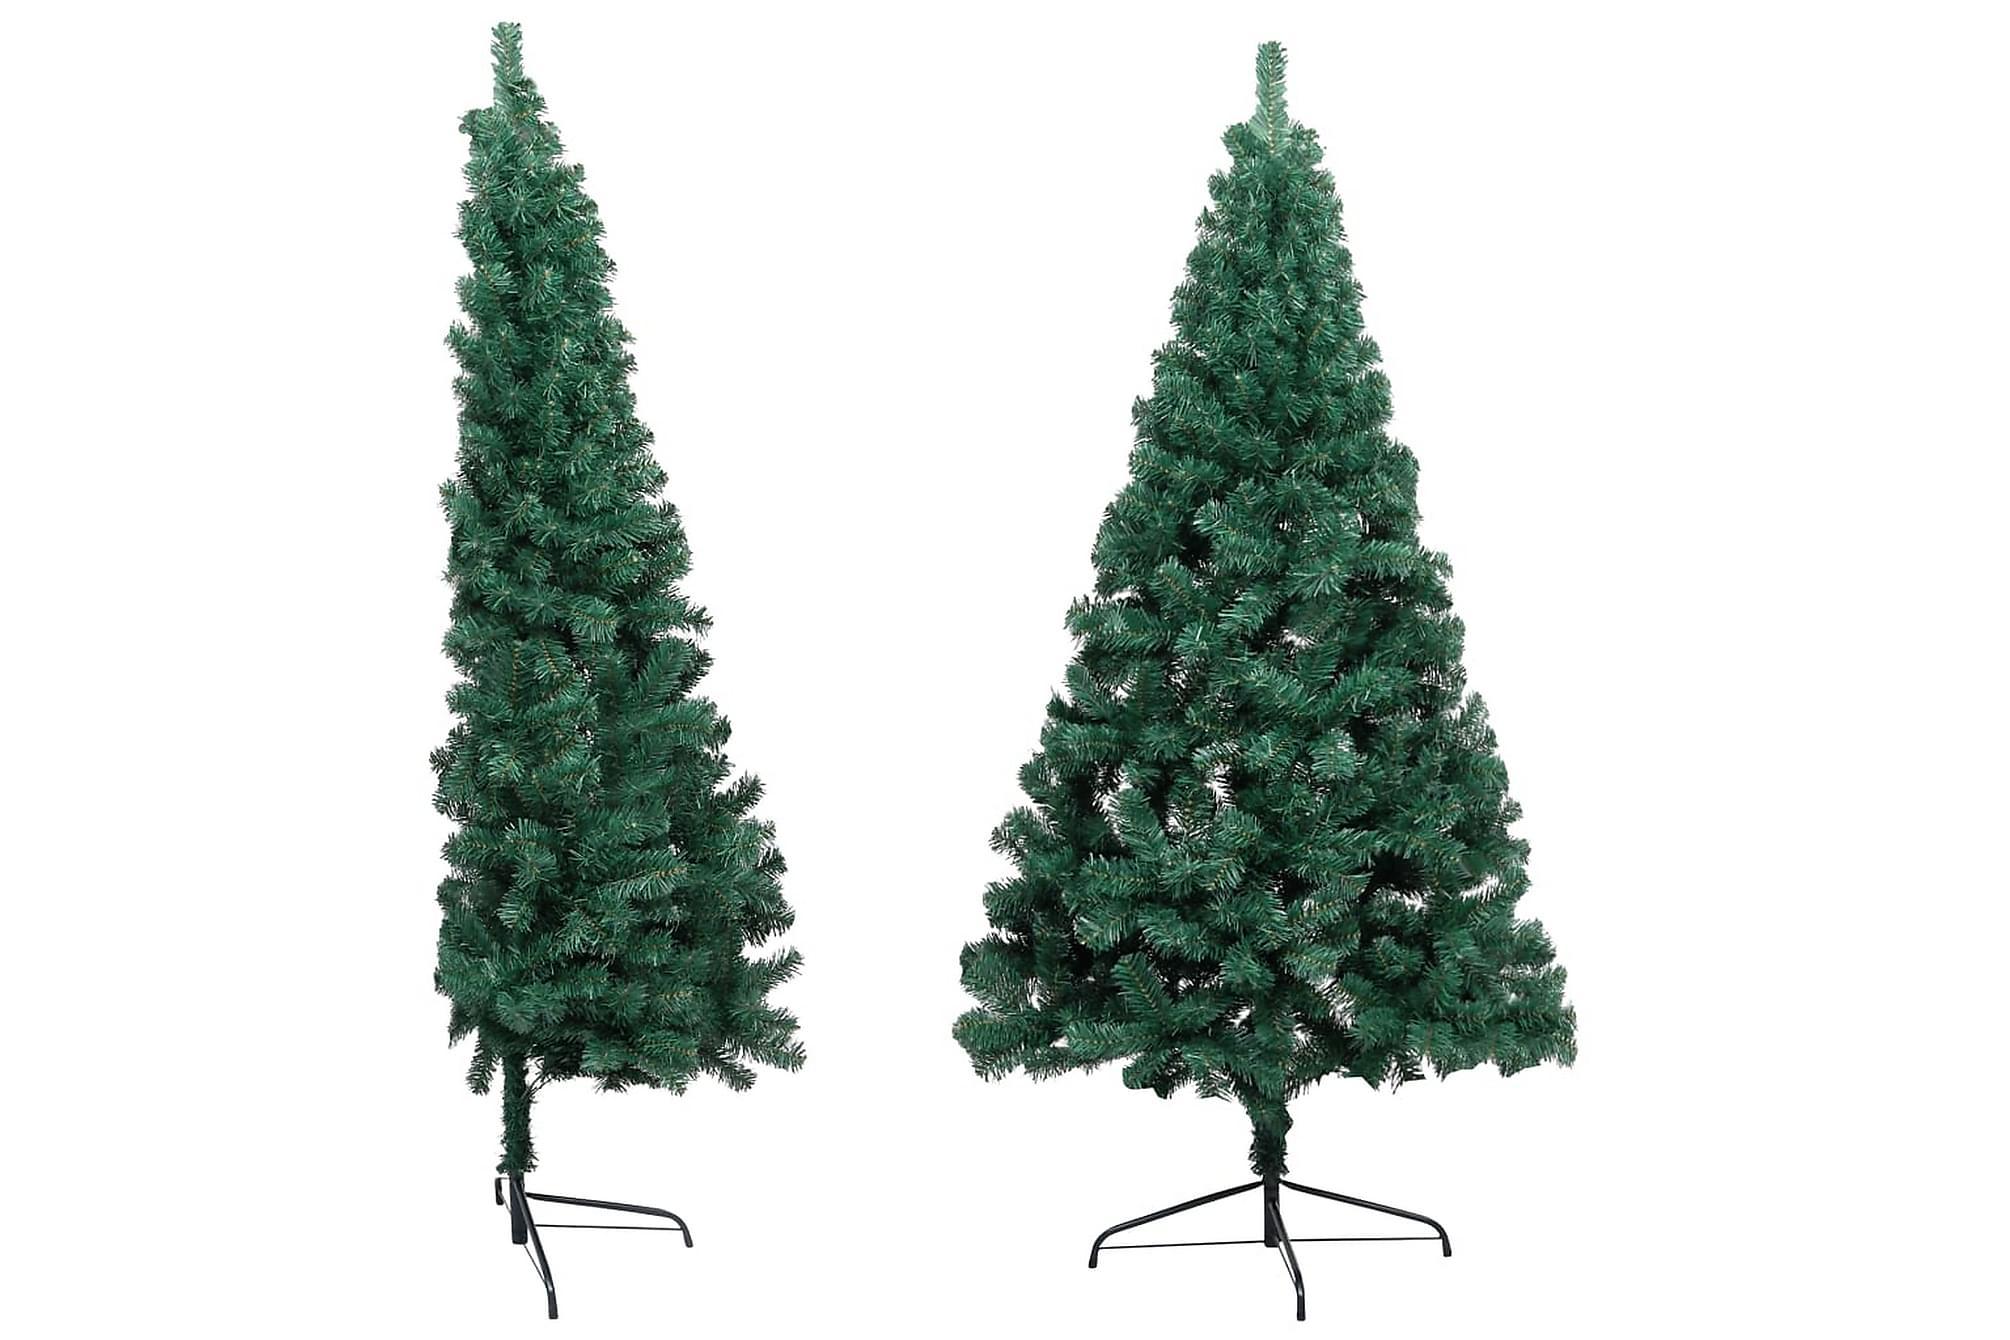 Halv plastgran med fot grön 185 cm PVC, Julpynt & juldekoration